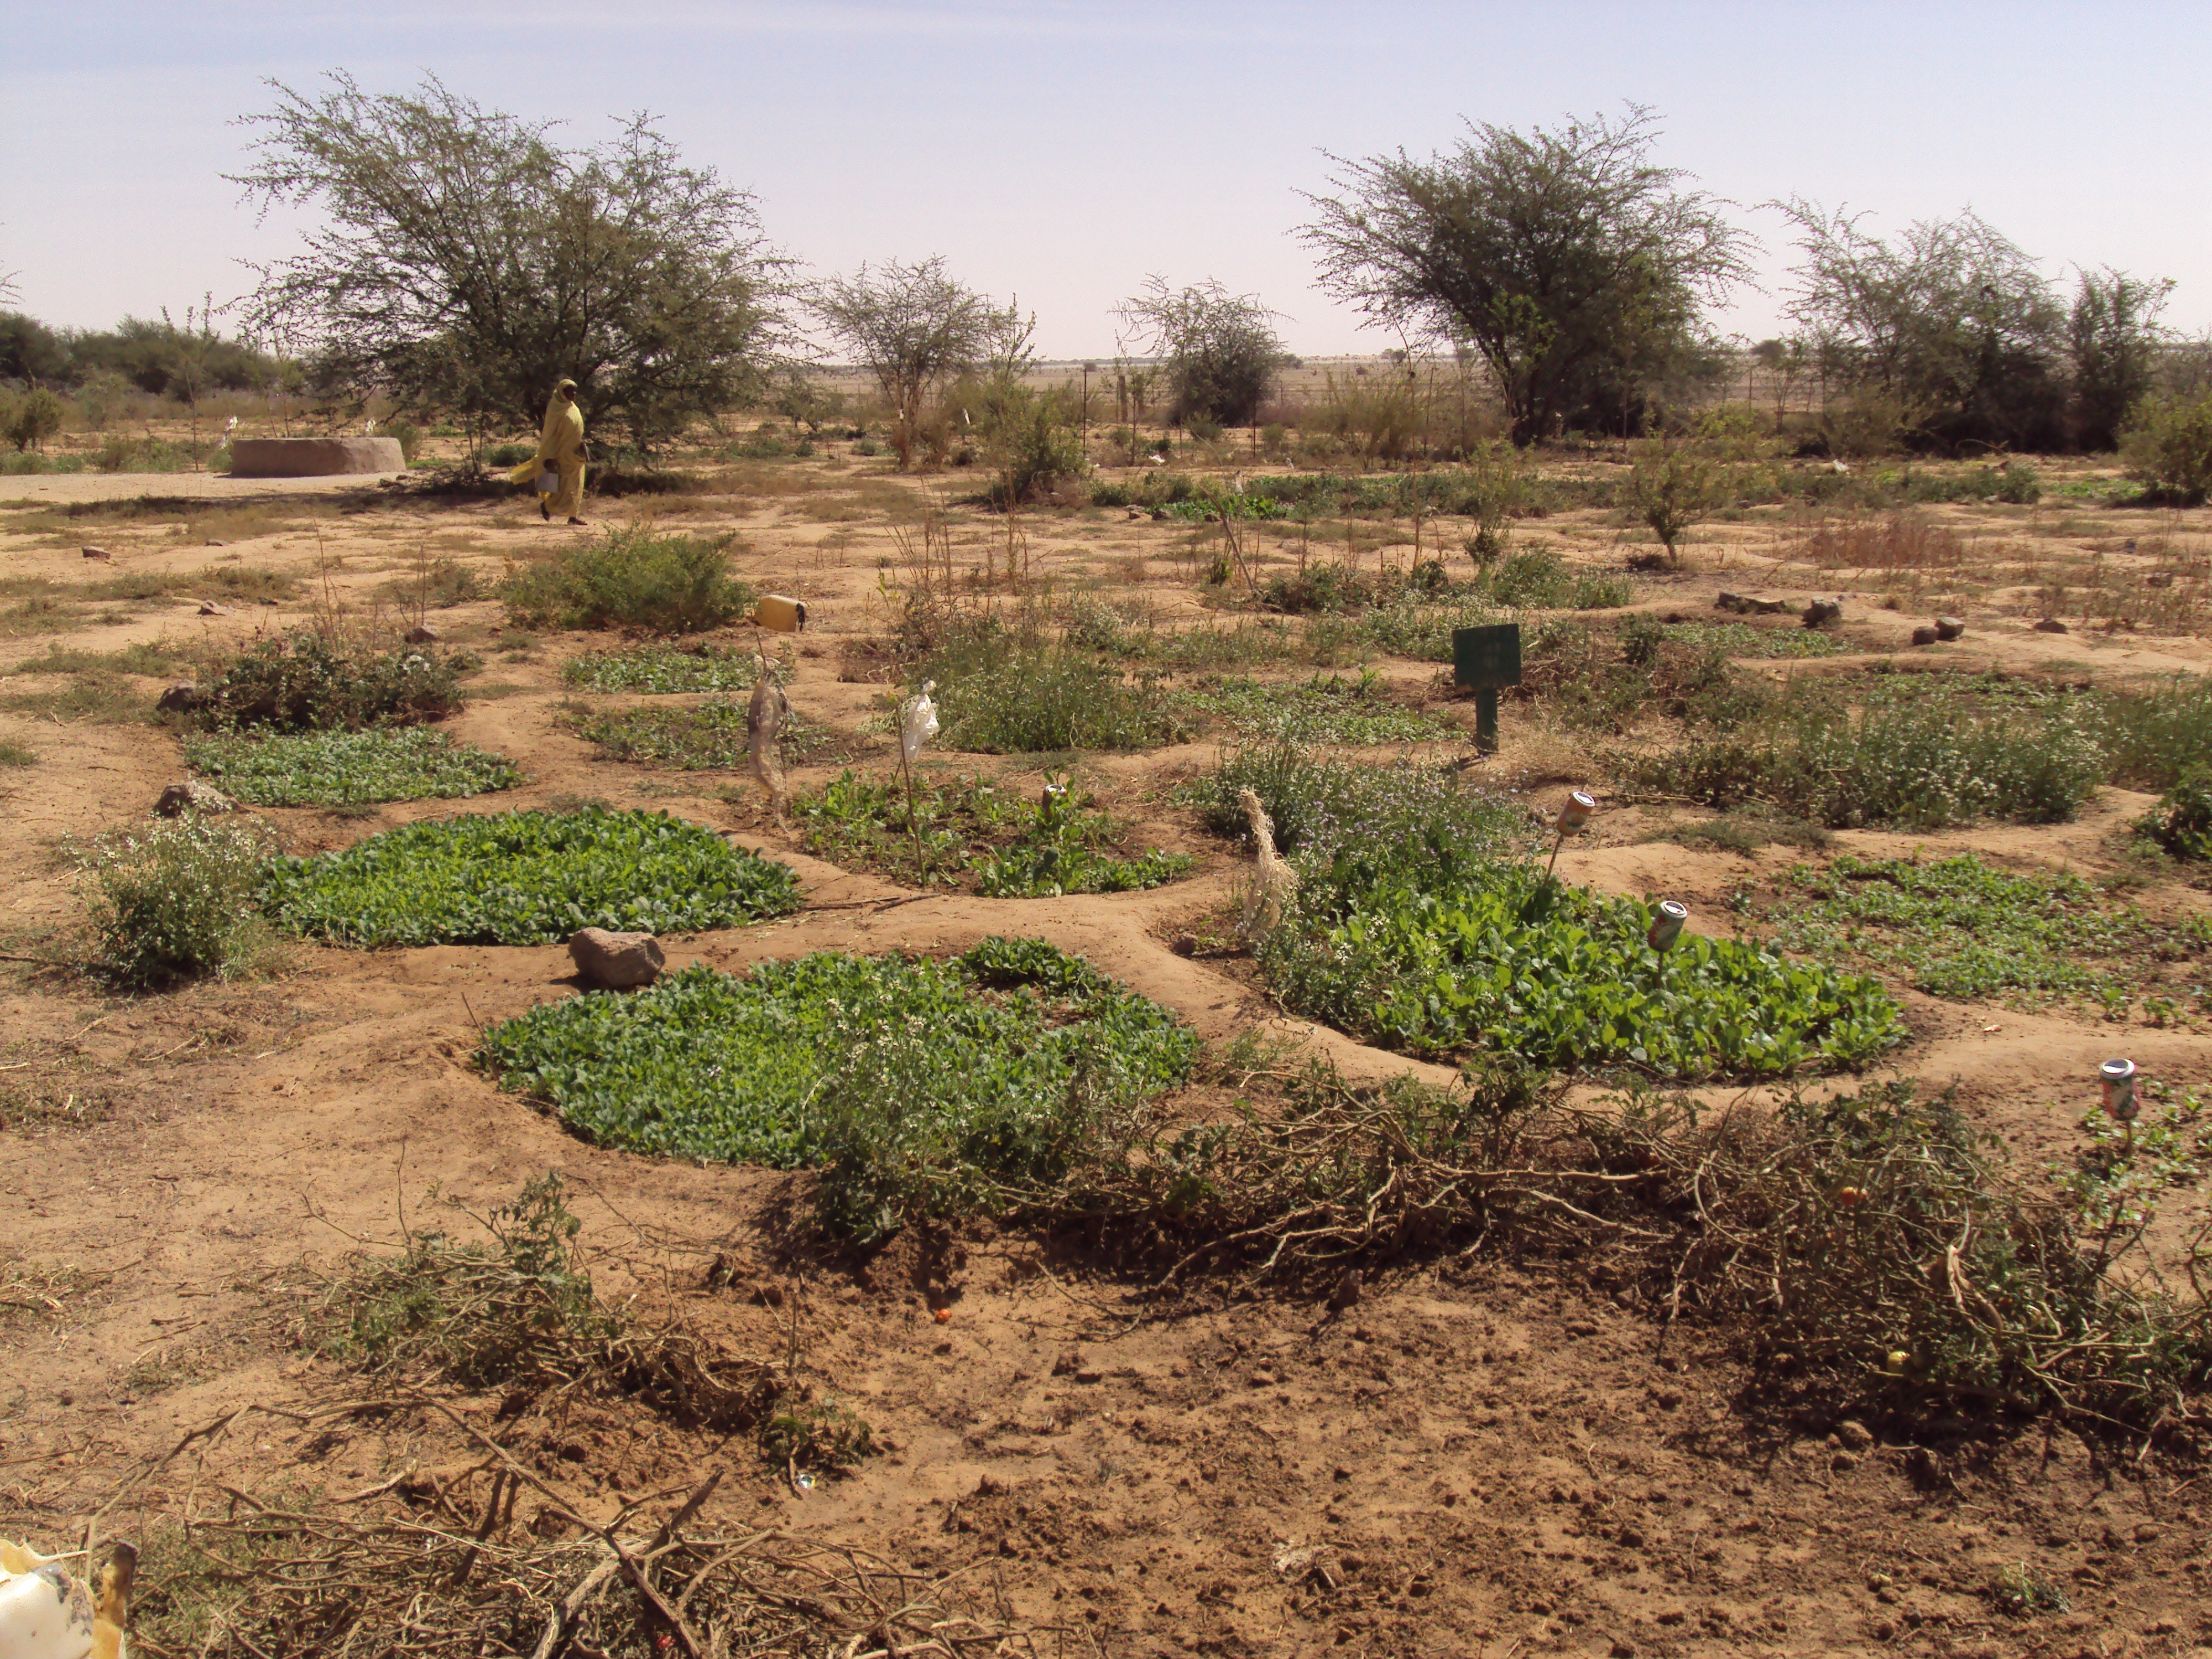 Espace agricole en zone aride